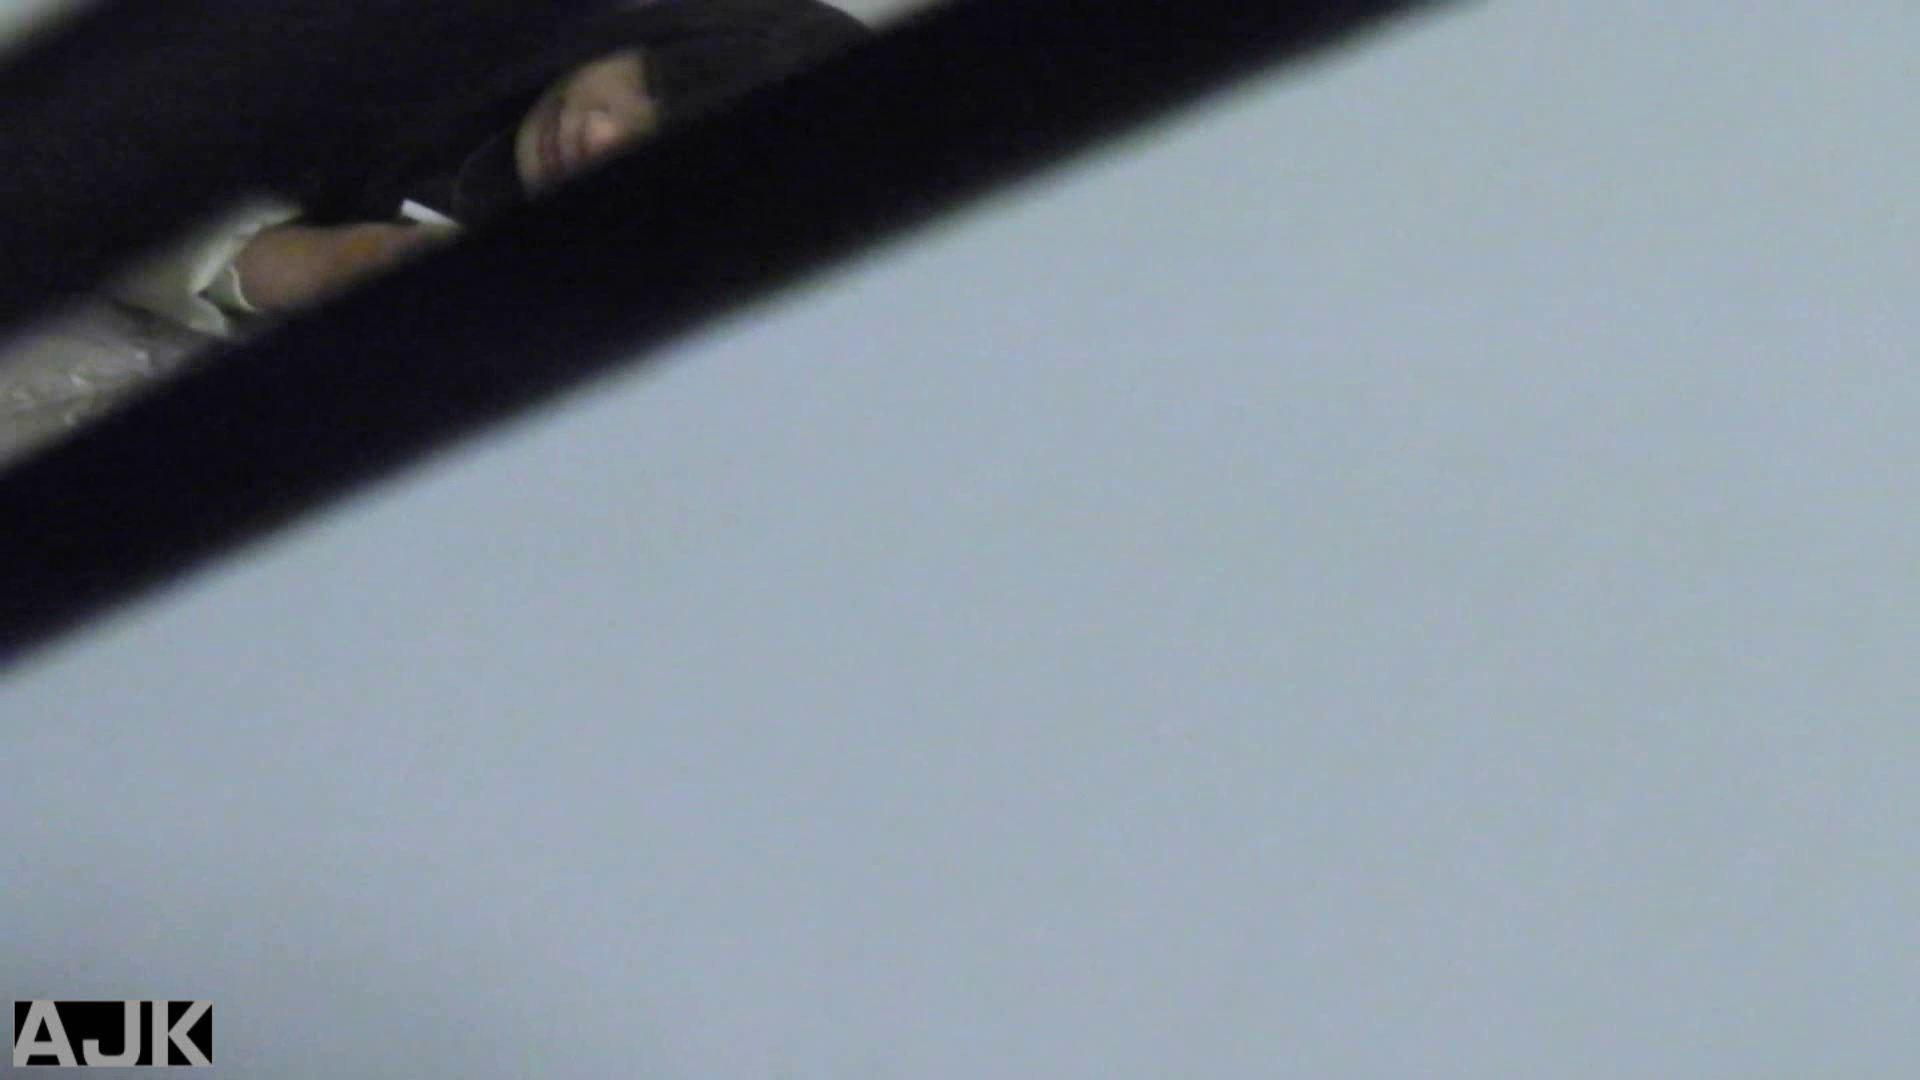 神降臨!史上最強の潜入かわや! vol.28 美女まとめ オマンコ無修正動画無料 106PIX 59